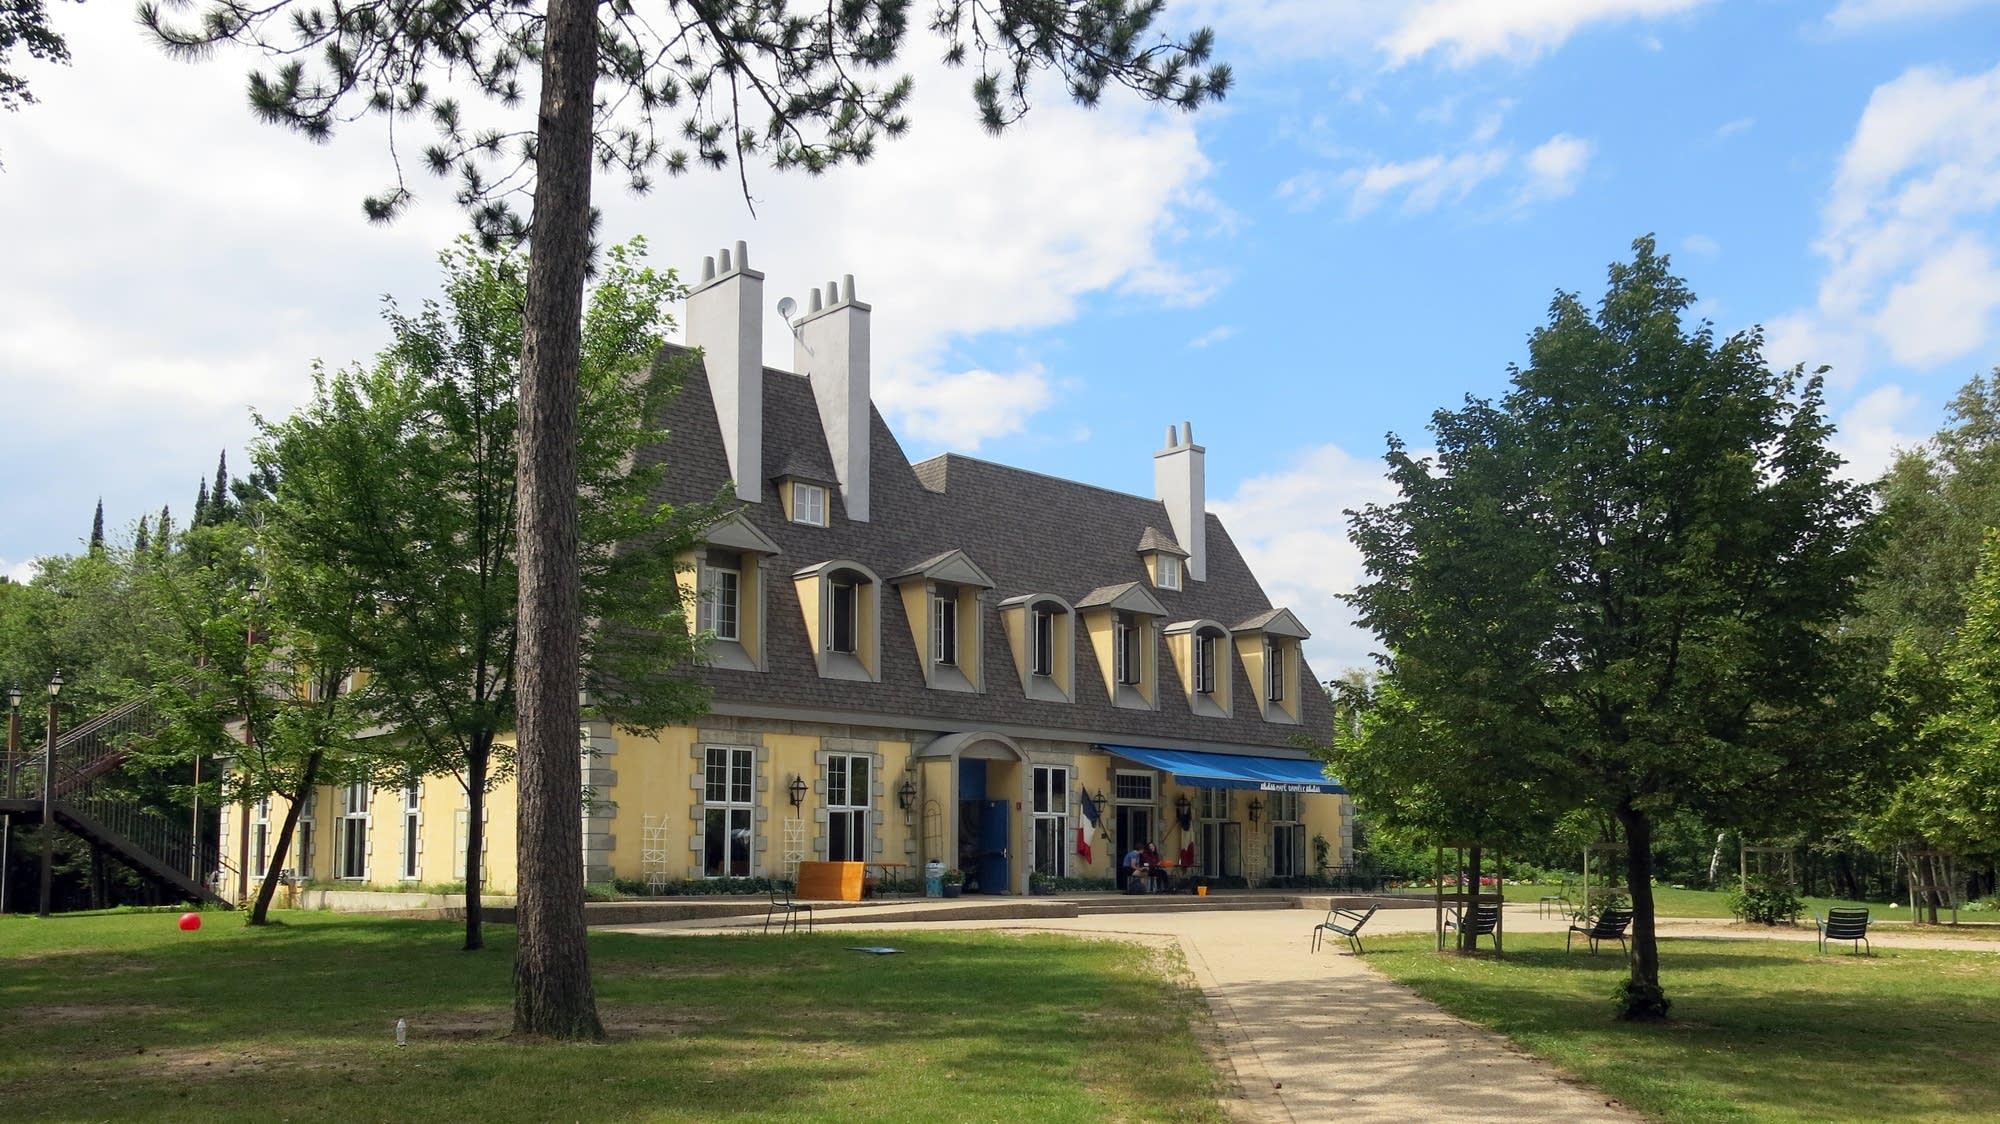 The French village, Lac du Bois.